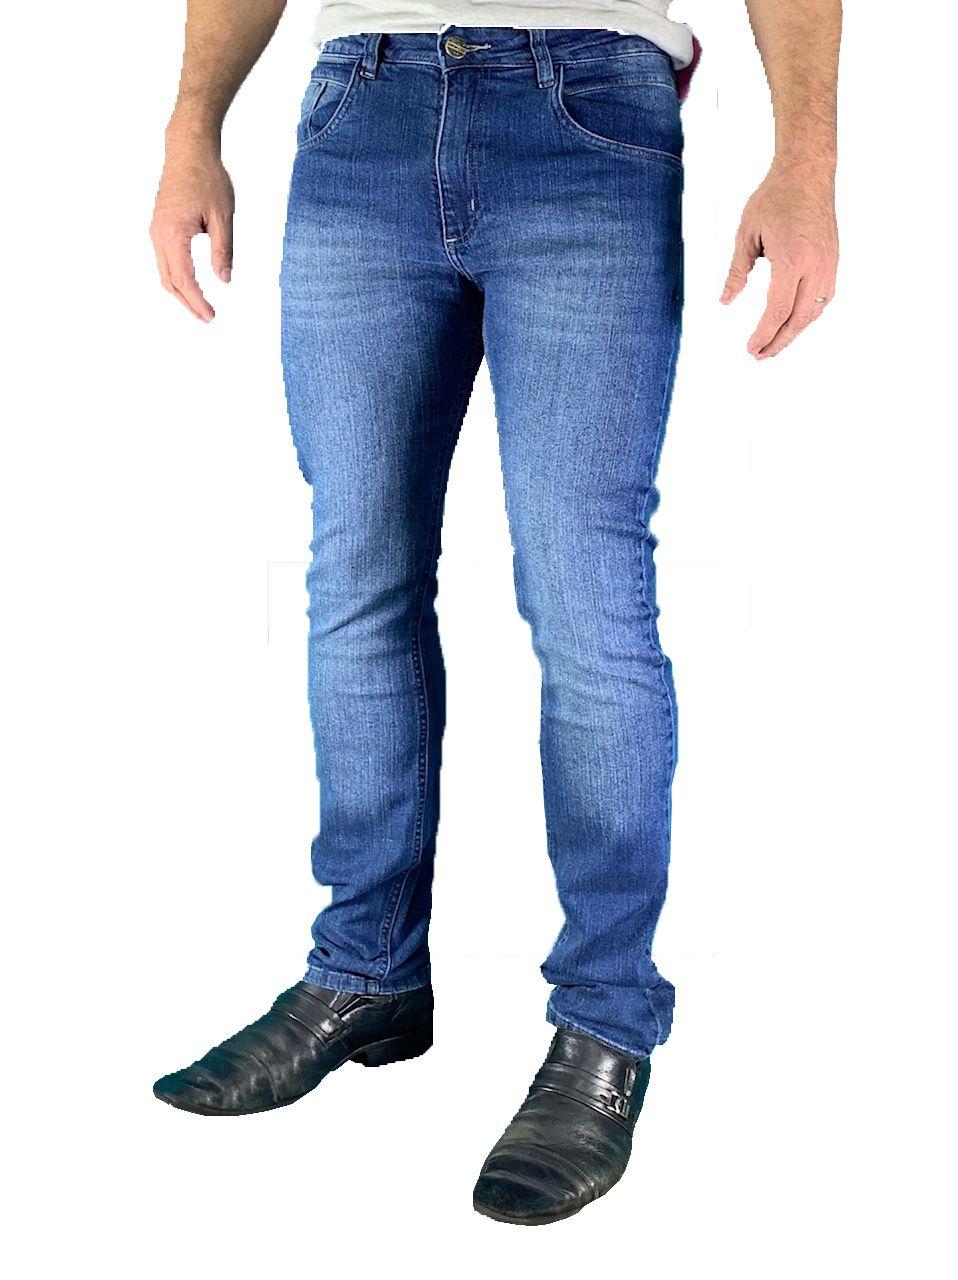 Calça Jeans Masculino Premium  Conexão